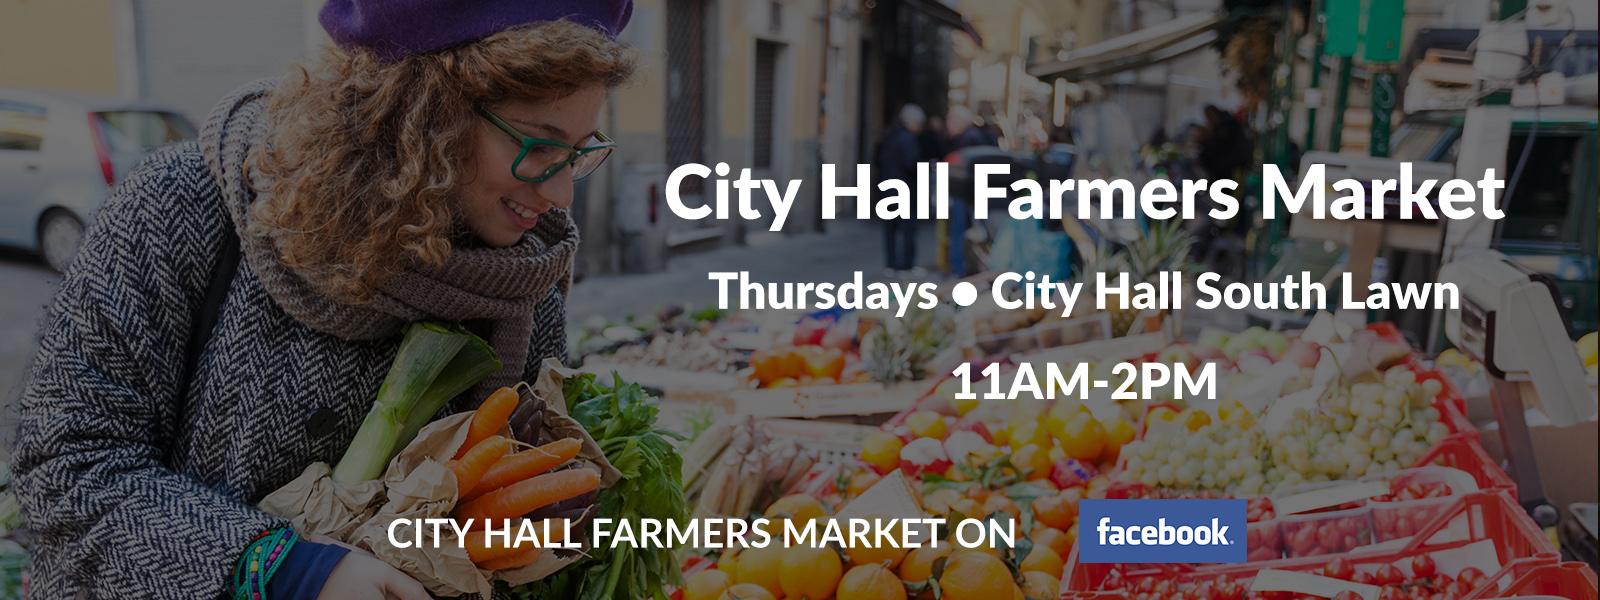 City Hall Farmers Market - July 3, 2015